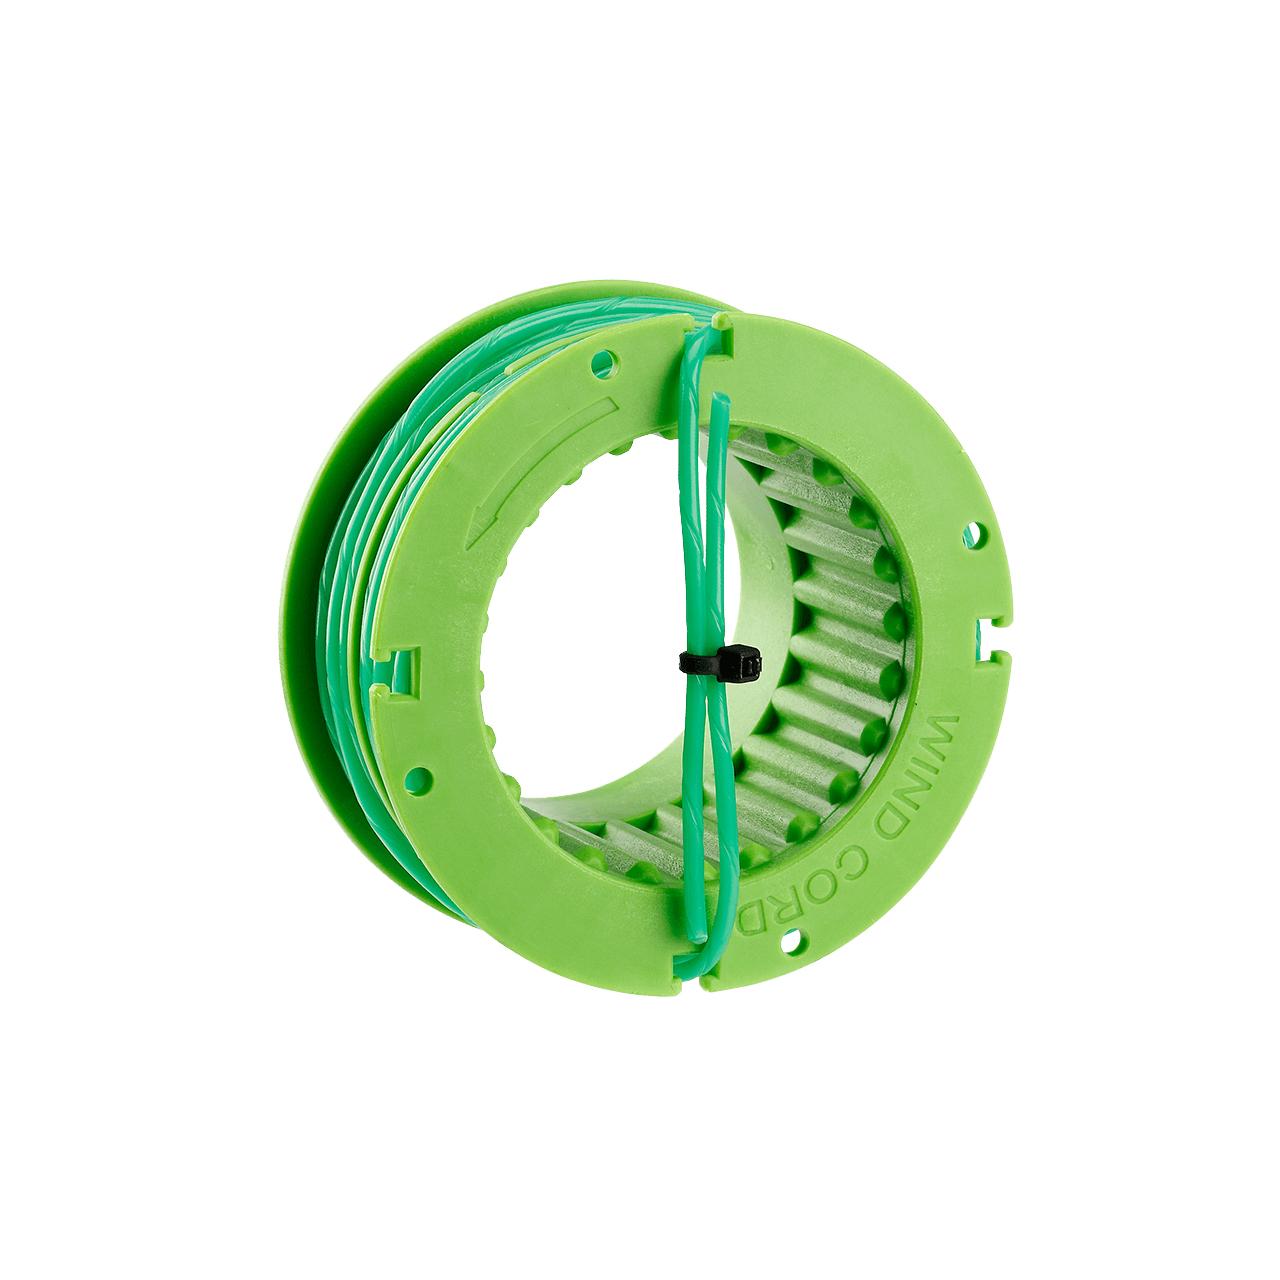 Rasentrimmerspule AS1301 mit 2,0 mm rundem Faden für ST1210E, 7 Meter Fadenlänge